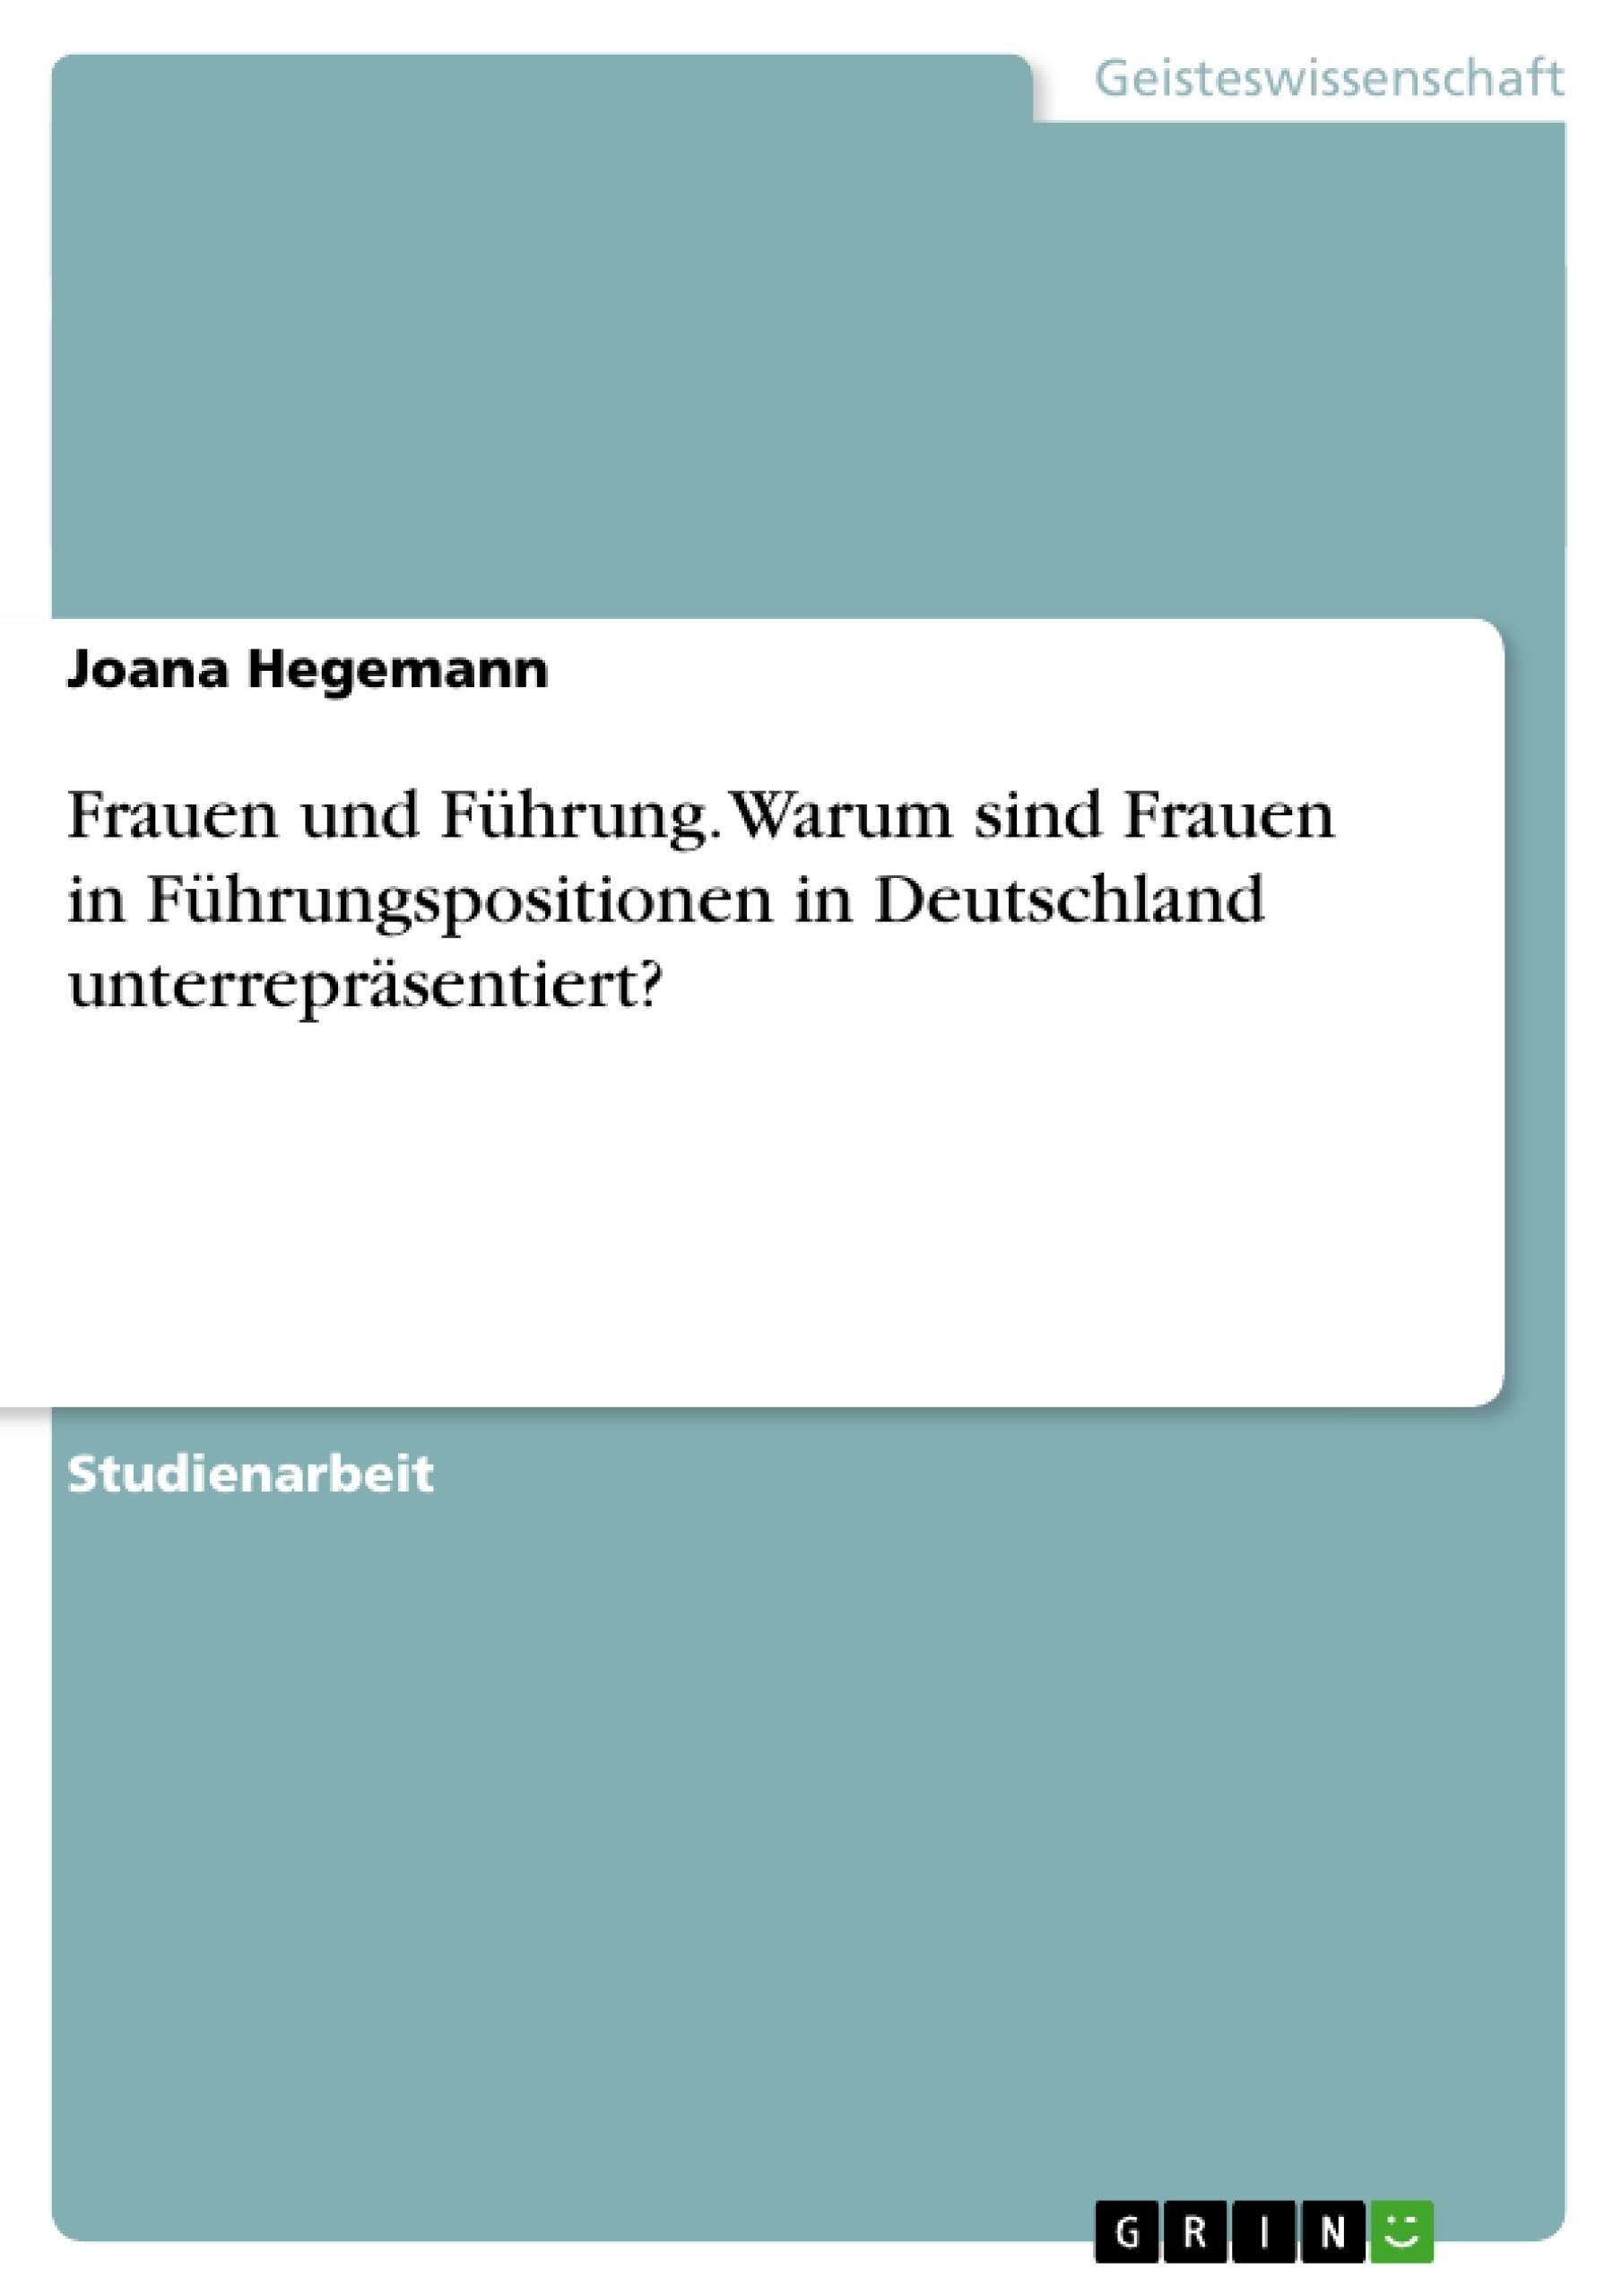 Titel: Frauen und Führung. Warum sind Frauen in Führungspositionen in Deutschland unterrepräsentiert?